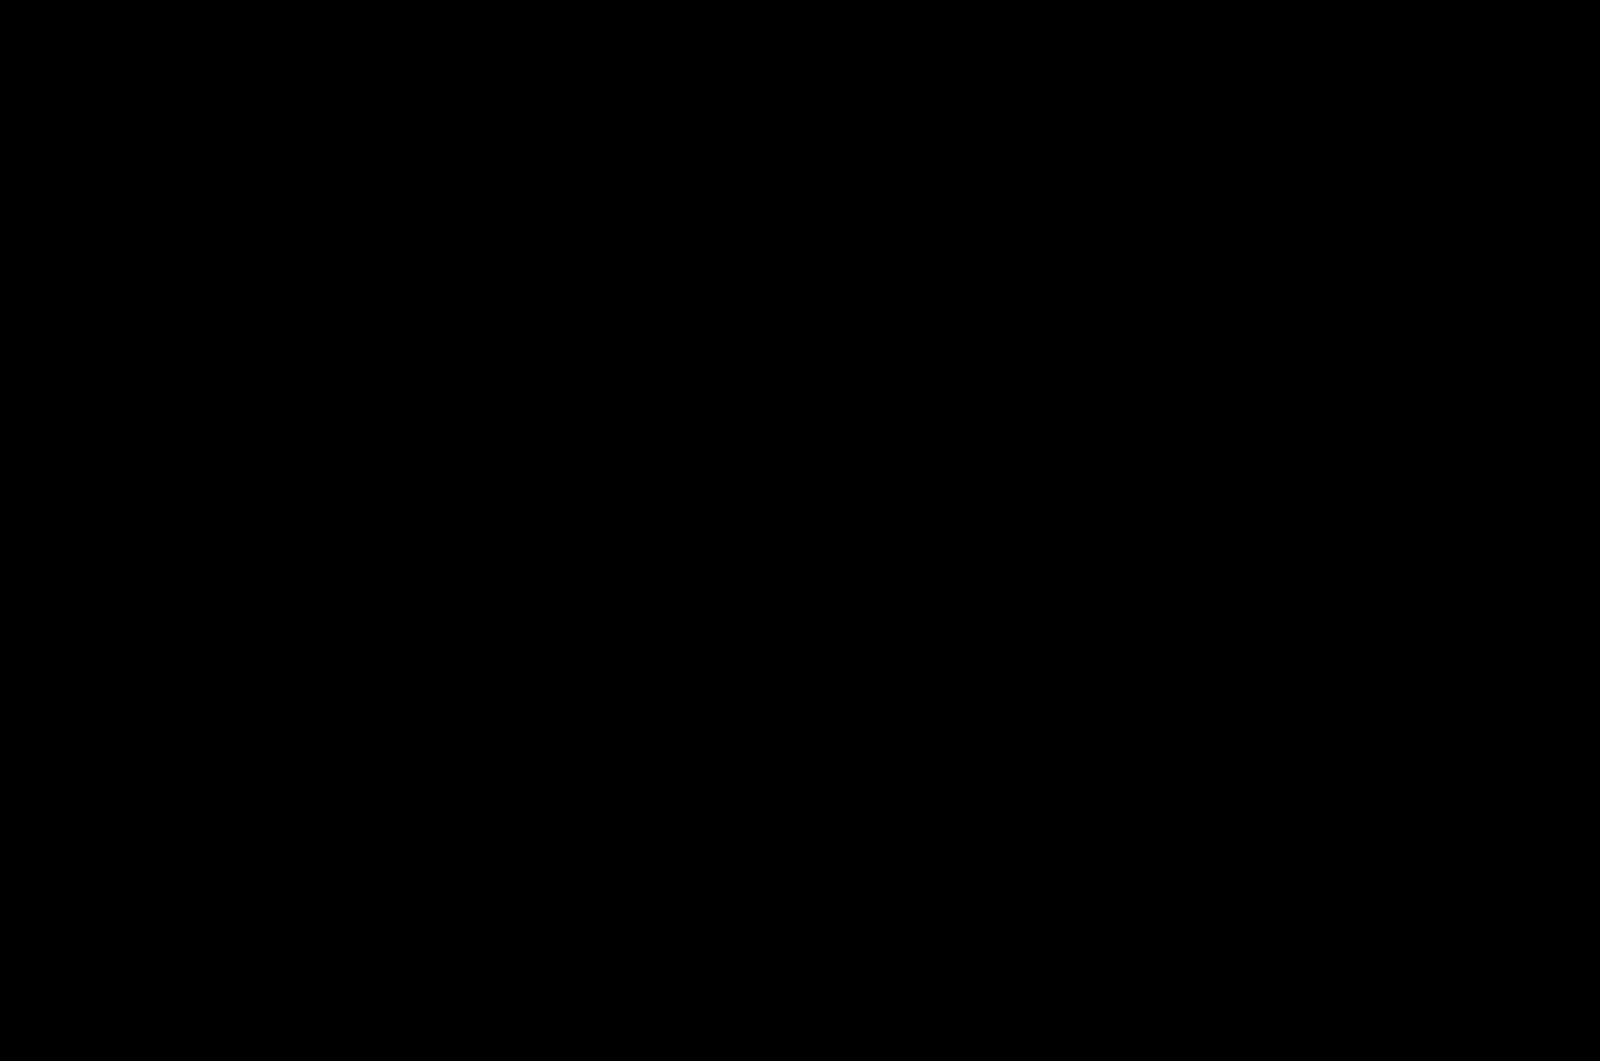 Pininfarina e De Rosa ampliano la collaborazione: svelata la nuova SK e il logo firmati Pininfarina